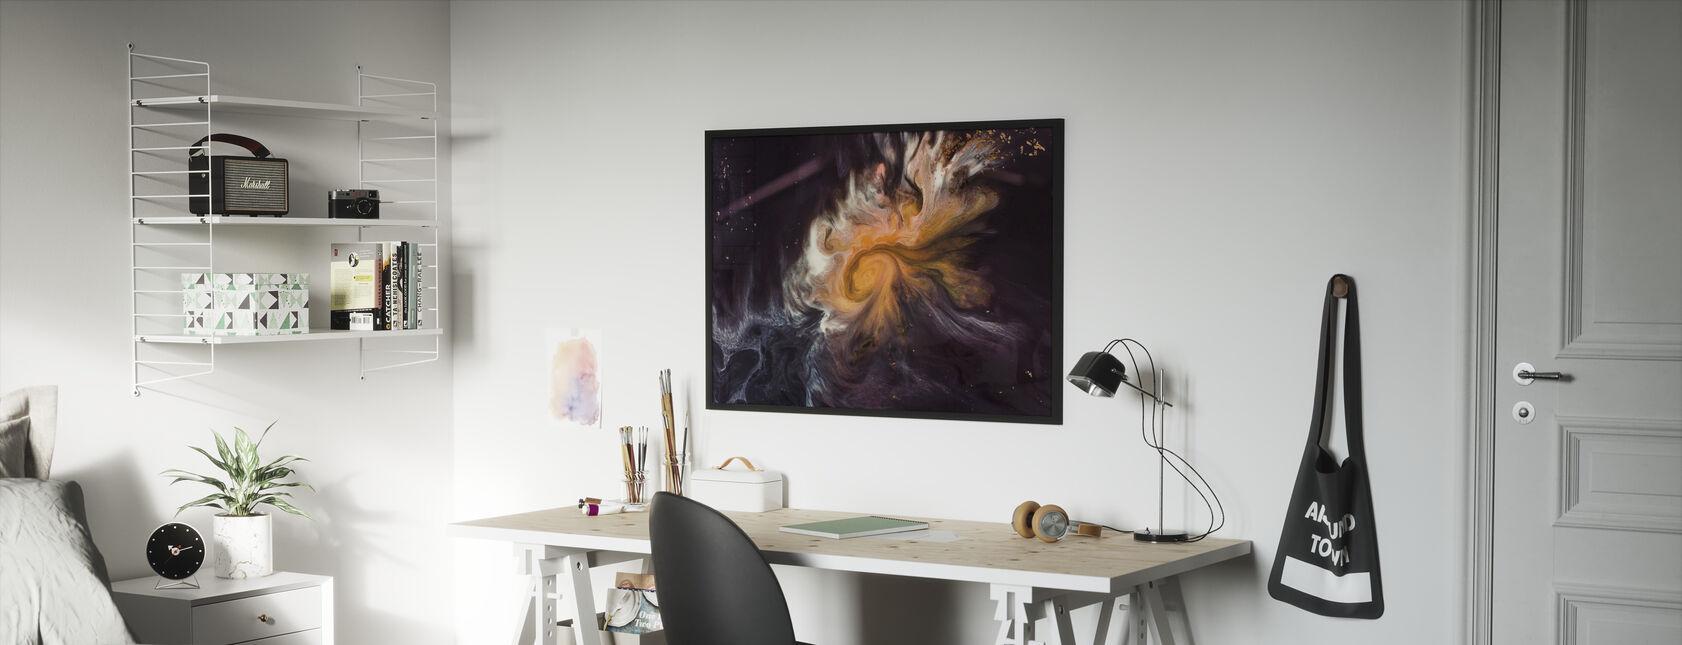 Space Story - Innrammet bilde - Barnerom